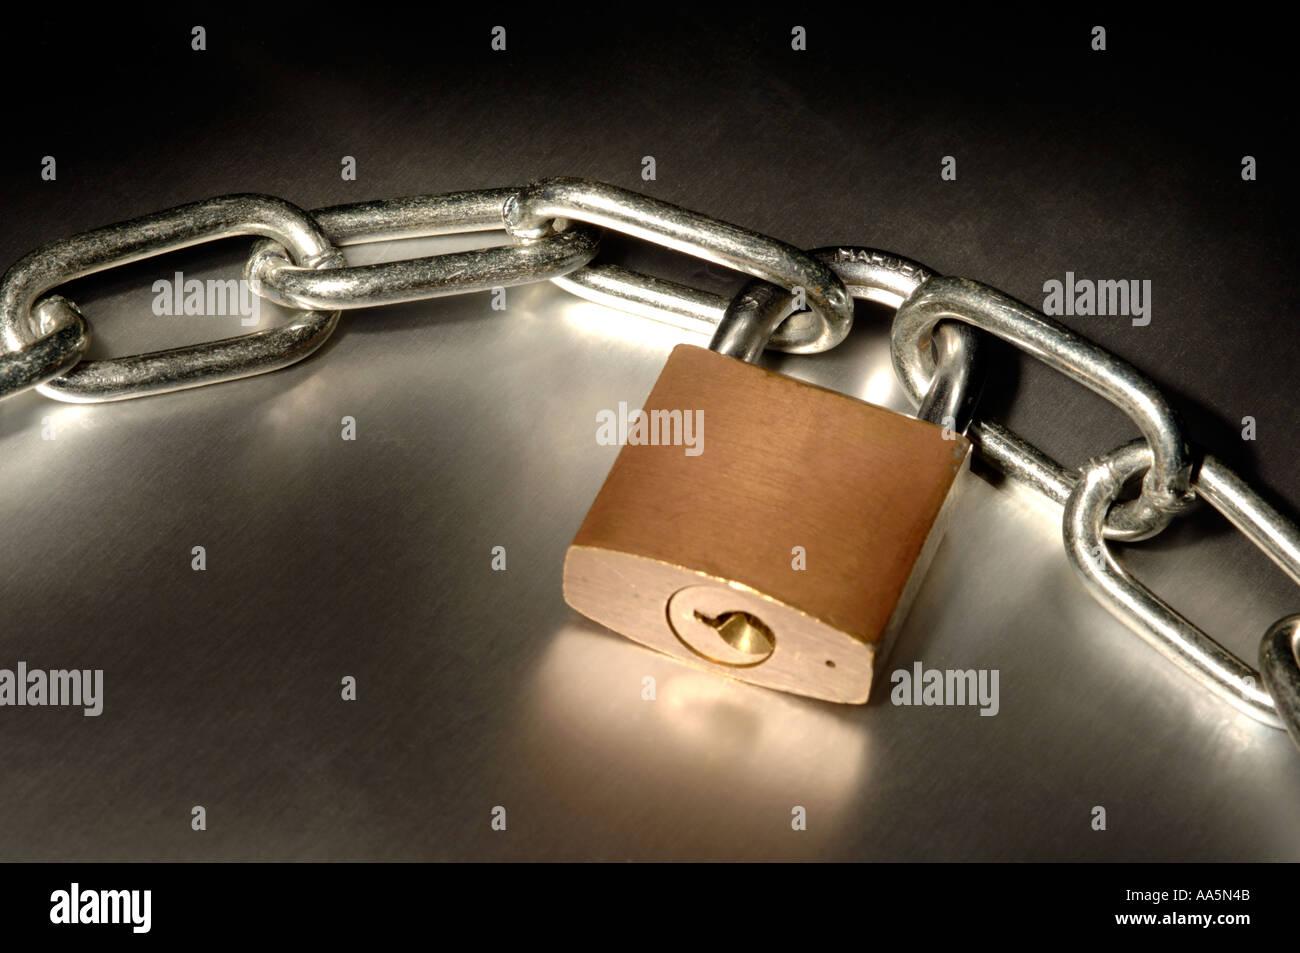 Cadena y candado cerrado Imagen De Stock